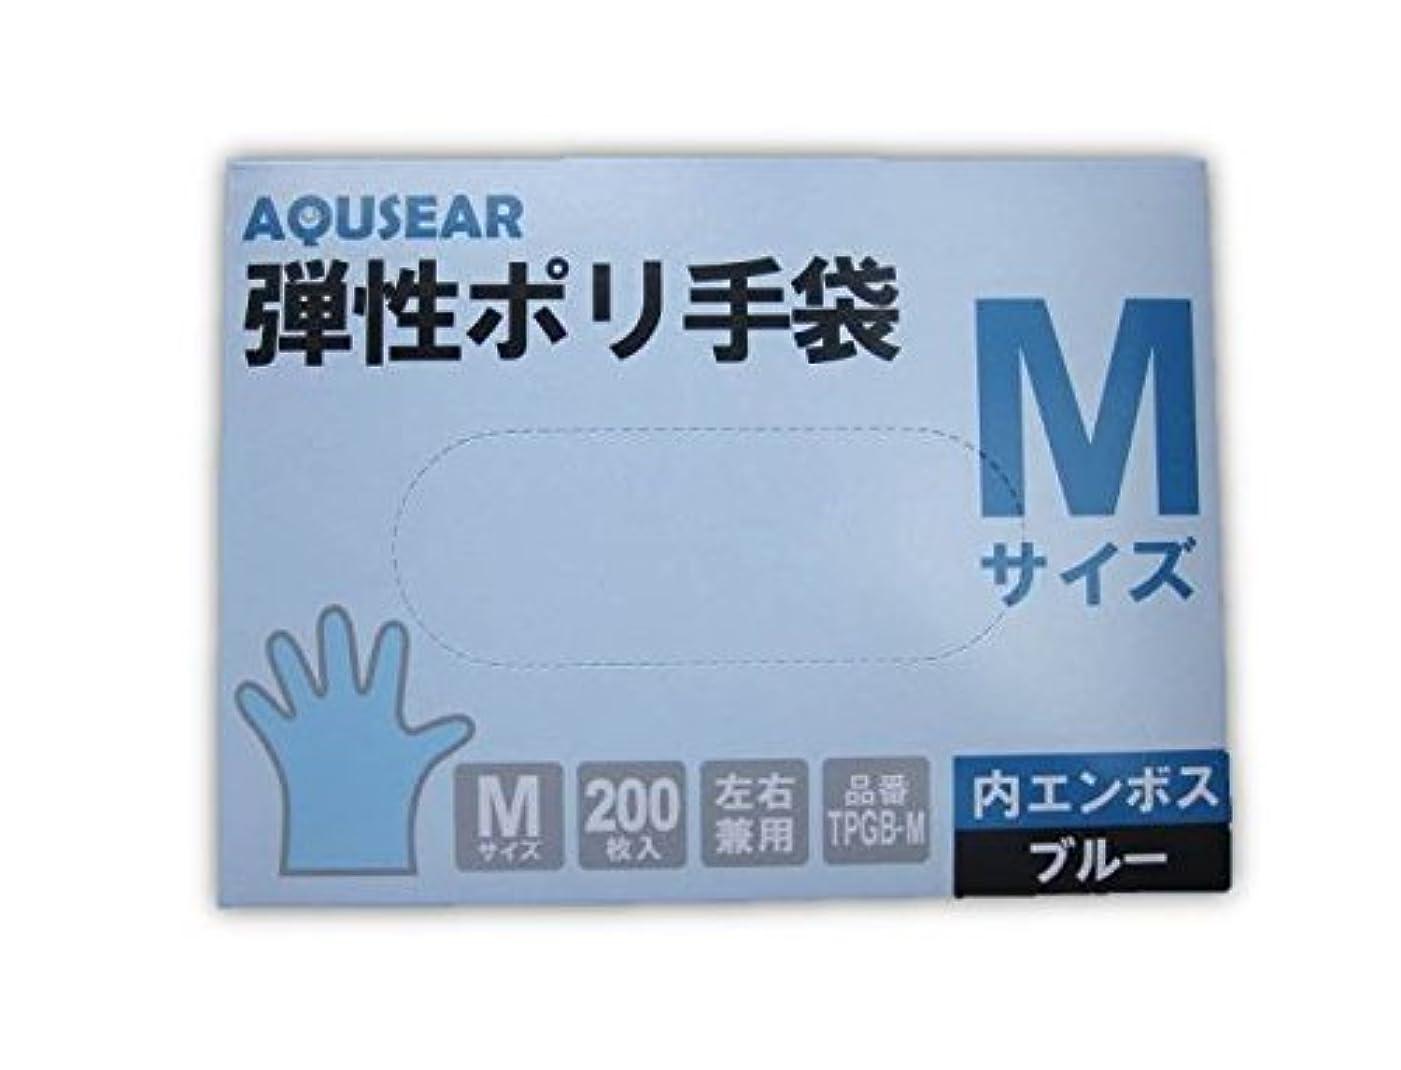 ドラゴン木曜日座標AQUSEAR 弾性ポリ手袋 内エンボス ブルー Mサイズ TPGB-M 1ケース4,000枚(200枚×20箱)